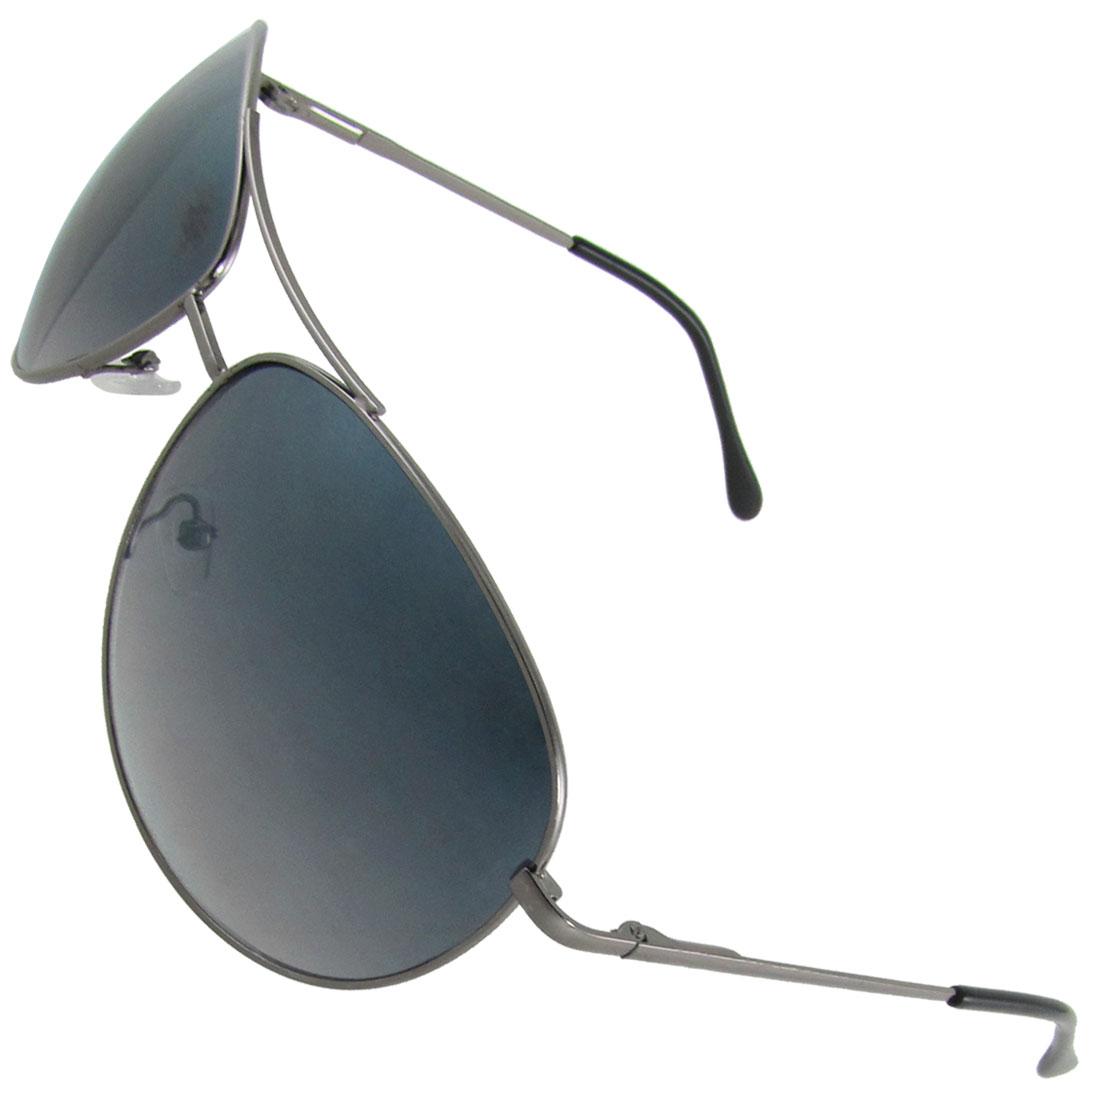 Sliver Tone Metal Full Rim Teardrop Lens Dual Bridge Sunglasses For Men